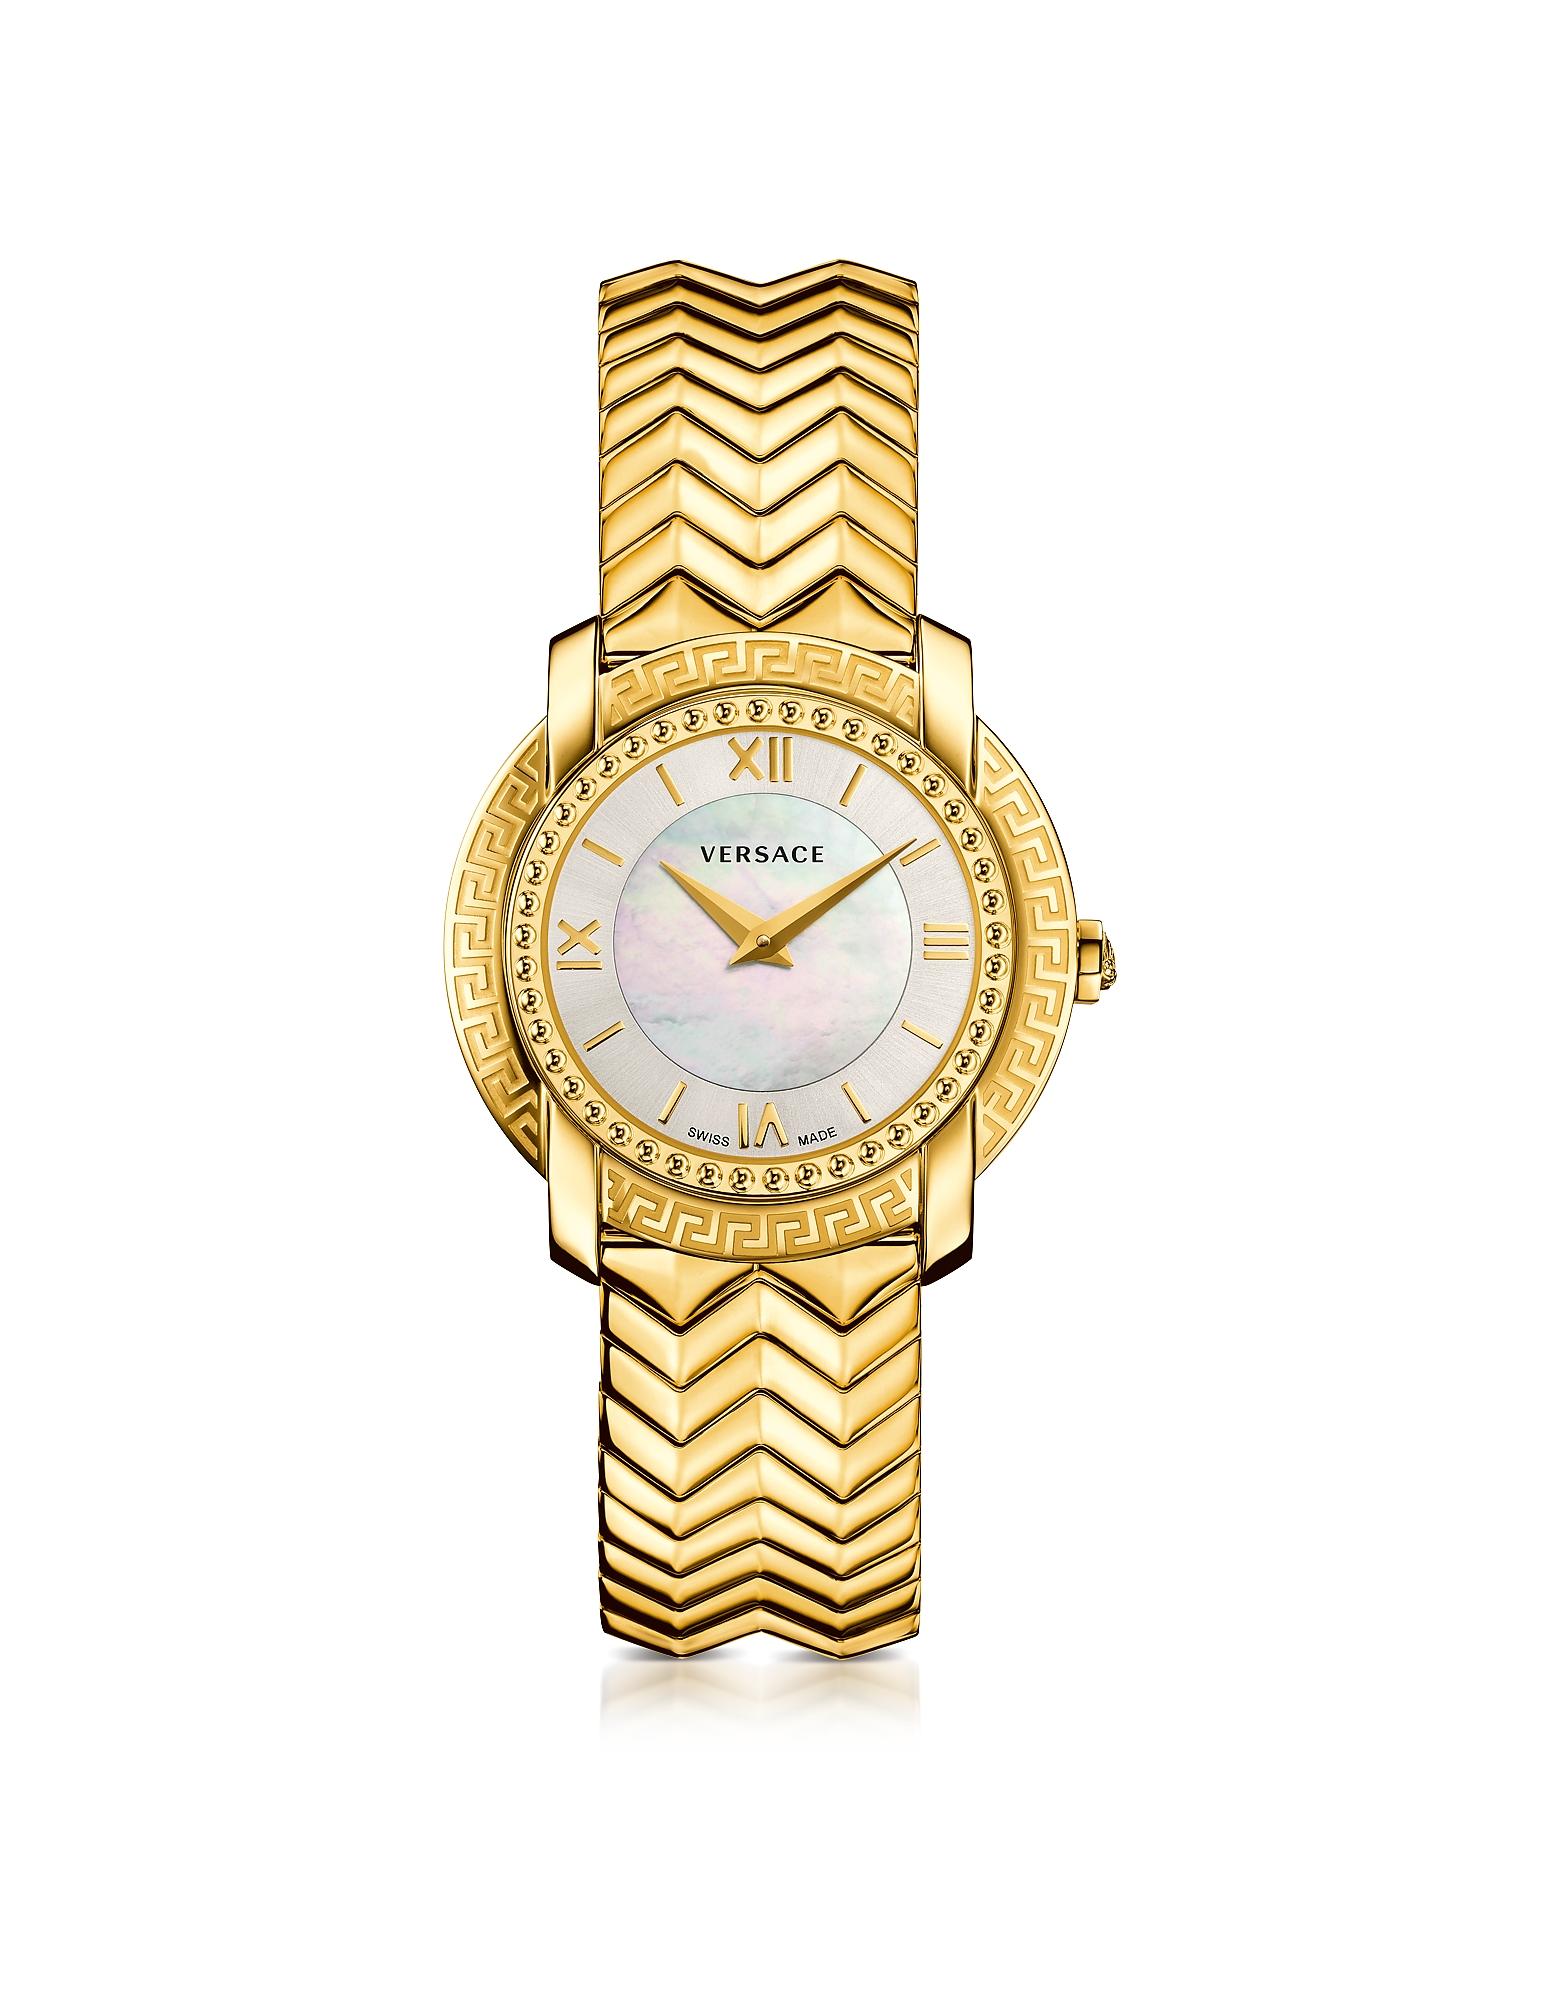 Фото DV25 - Круглые Золотые Женские Часы с Перламутровым Циферблатом. Купить с доставкой